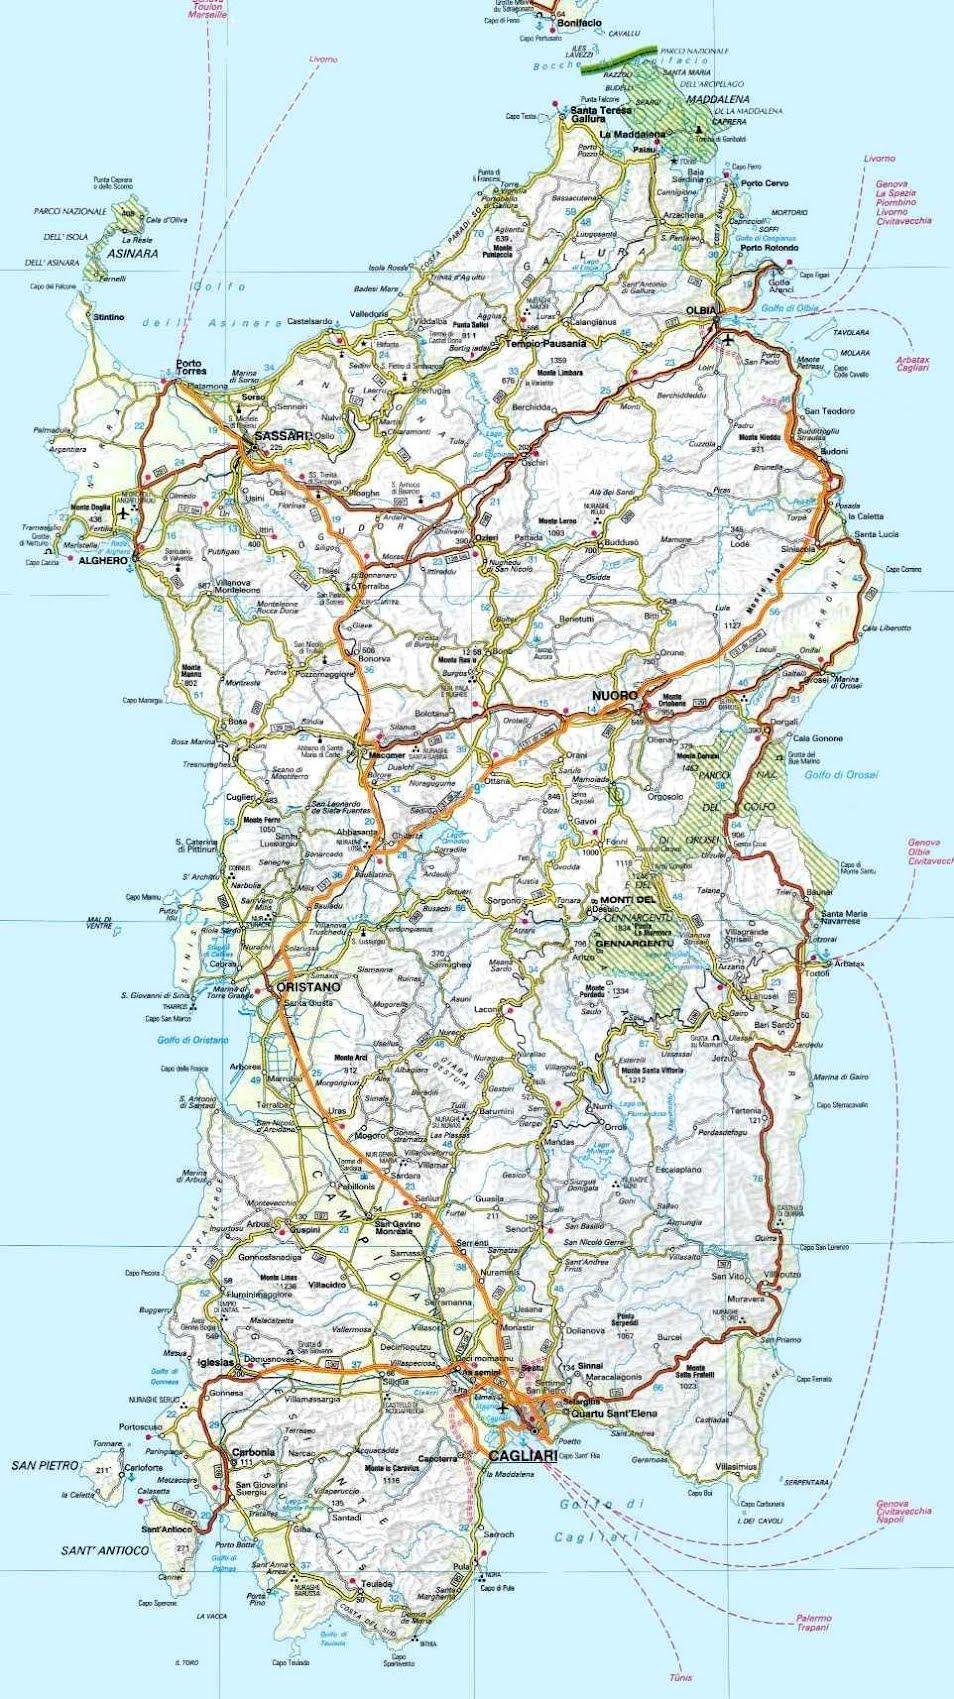 Cartina Sardegna Regioni.Sardegna Le Regioni D Italia A